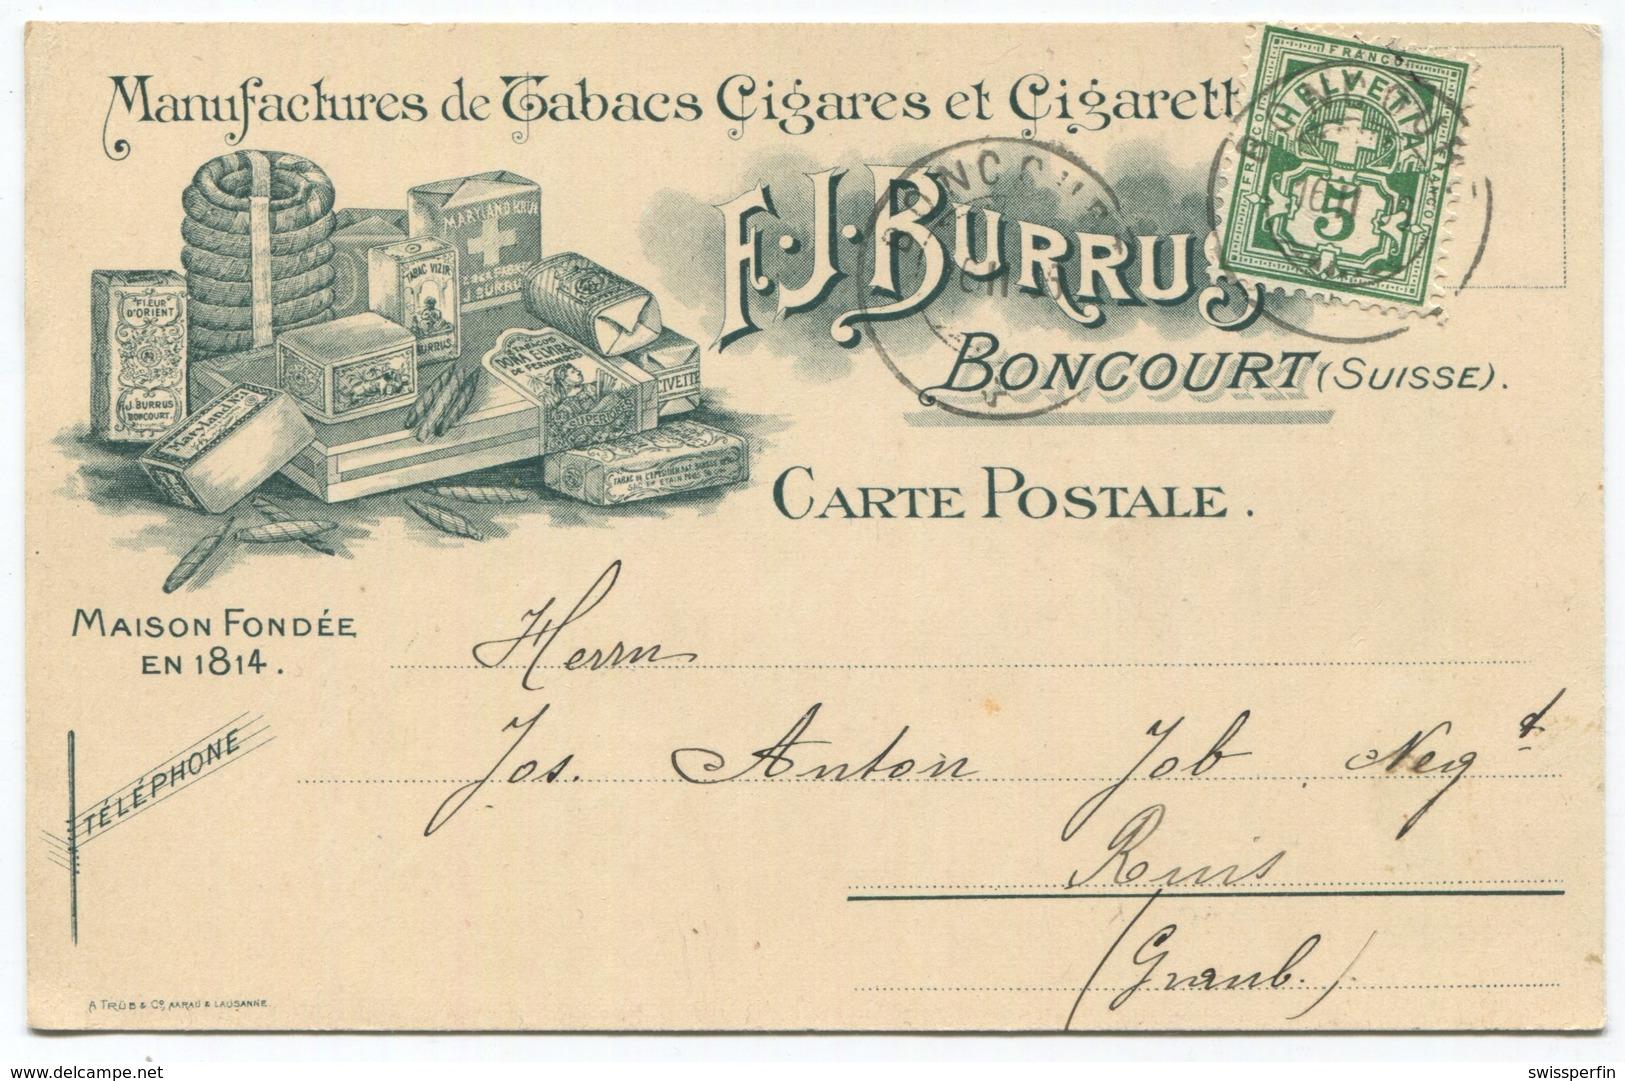 1843 - 5 Rp. Wertziffer Auf Litho-Postkarte - F.J. Burrus, BONCOURT - Manufactures De Tabacs Cigares Et Cigarettes - Lettres & Documents